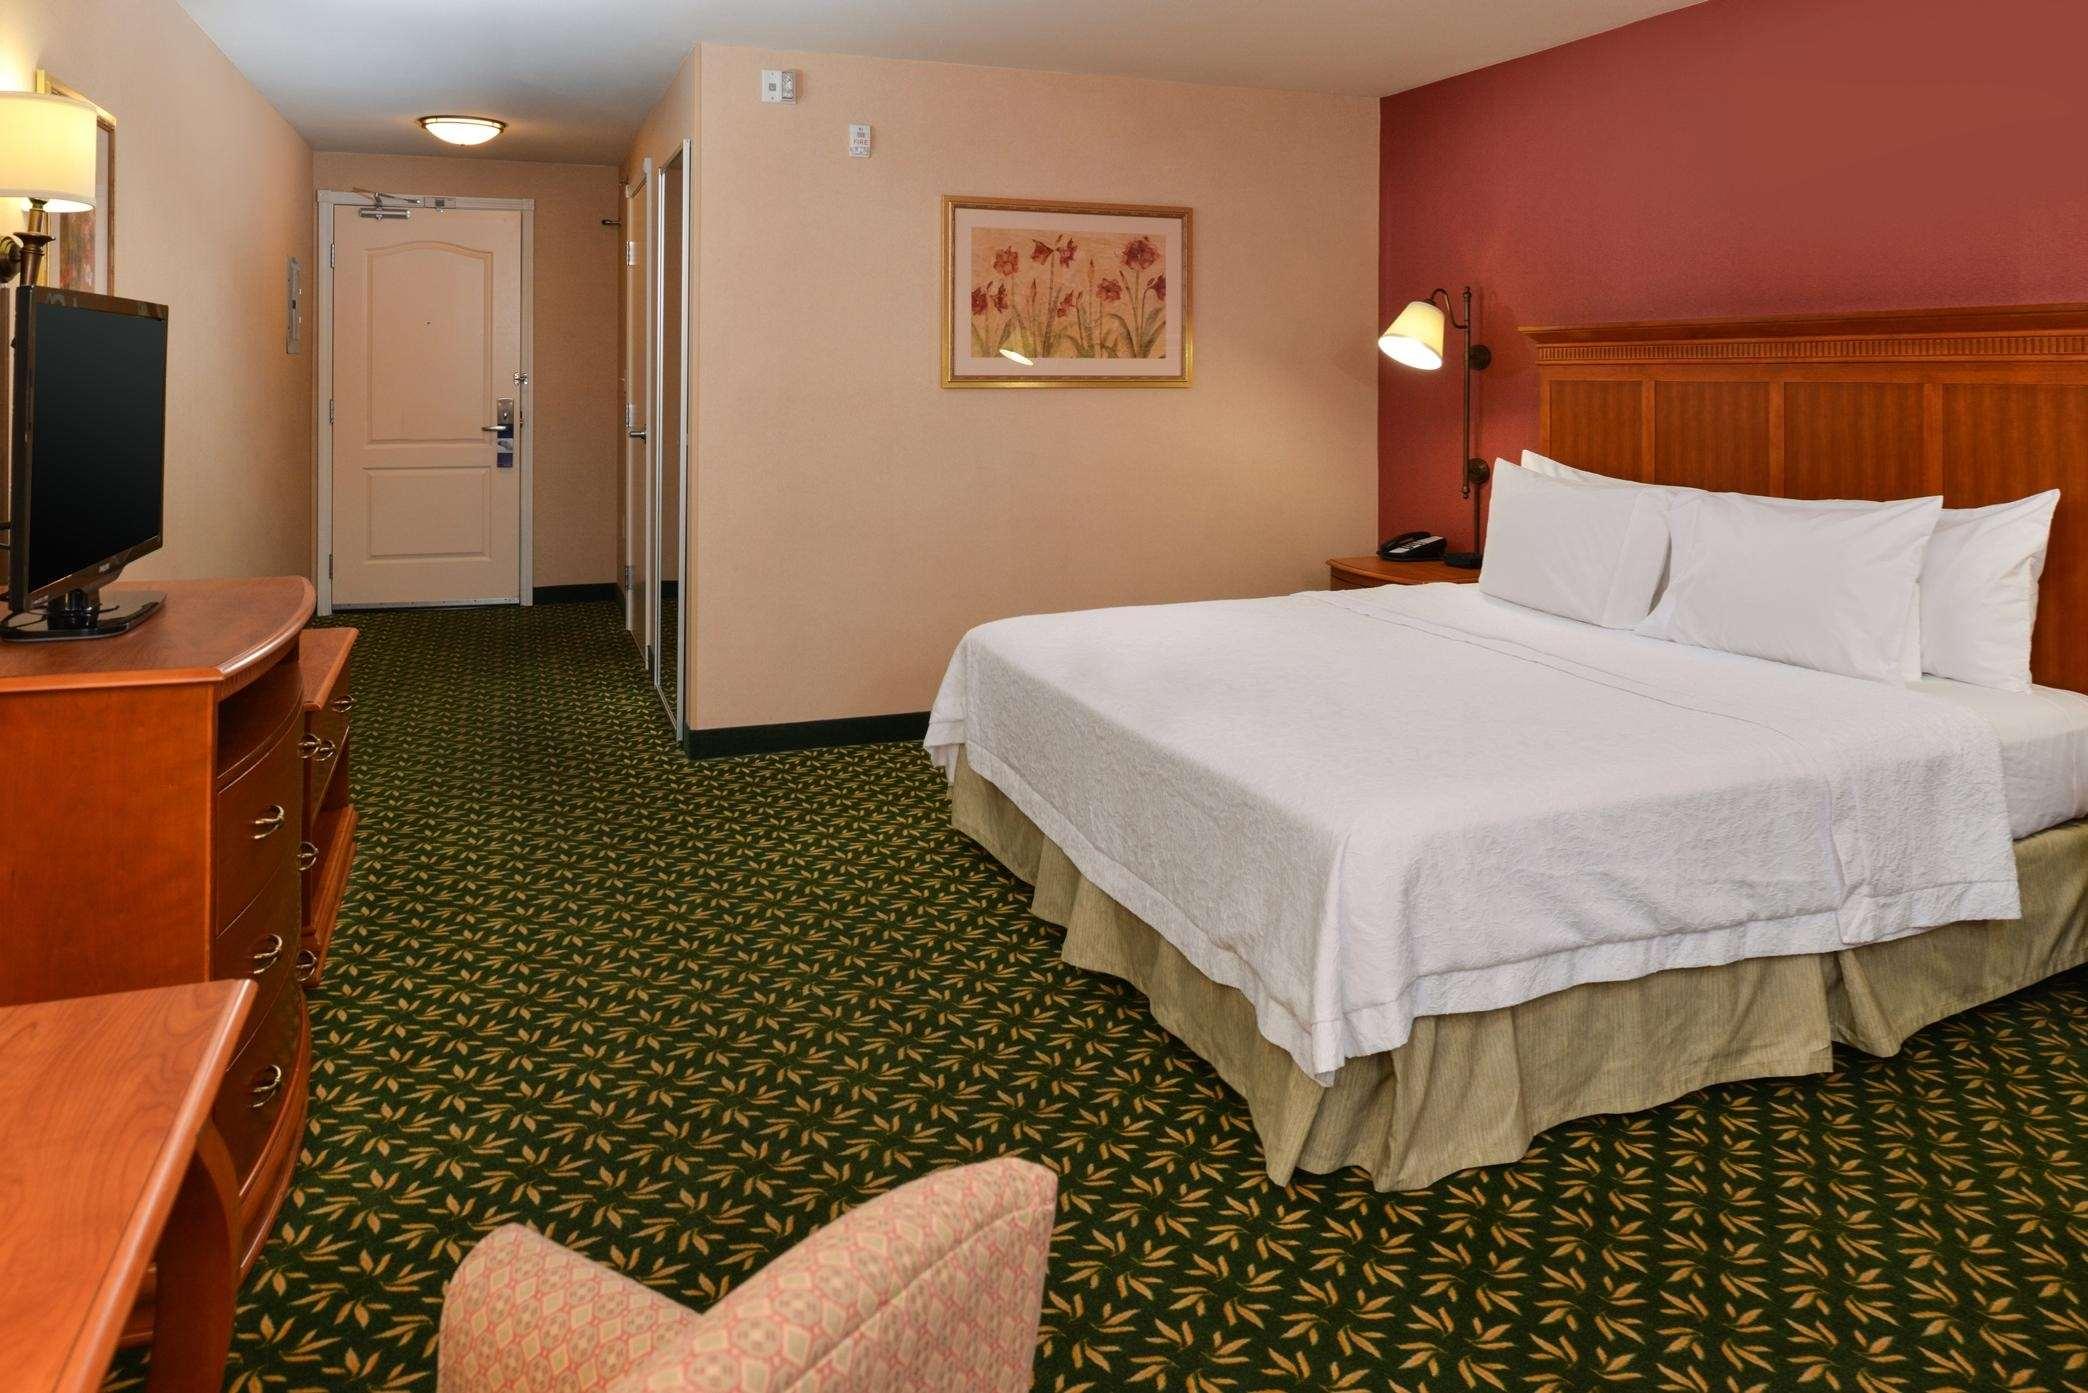 Hampton Inn & Suites Casper image 28